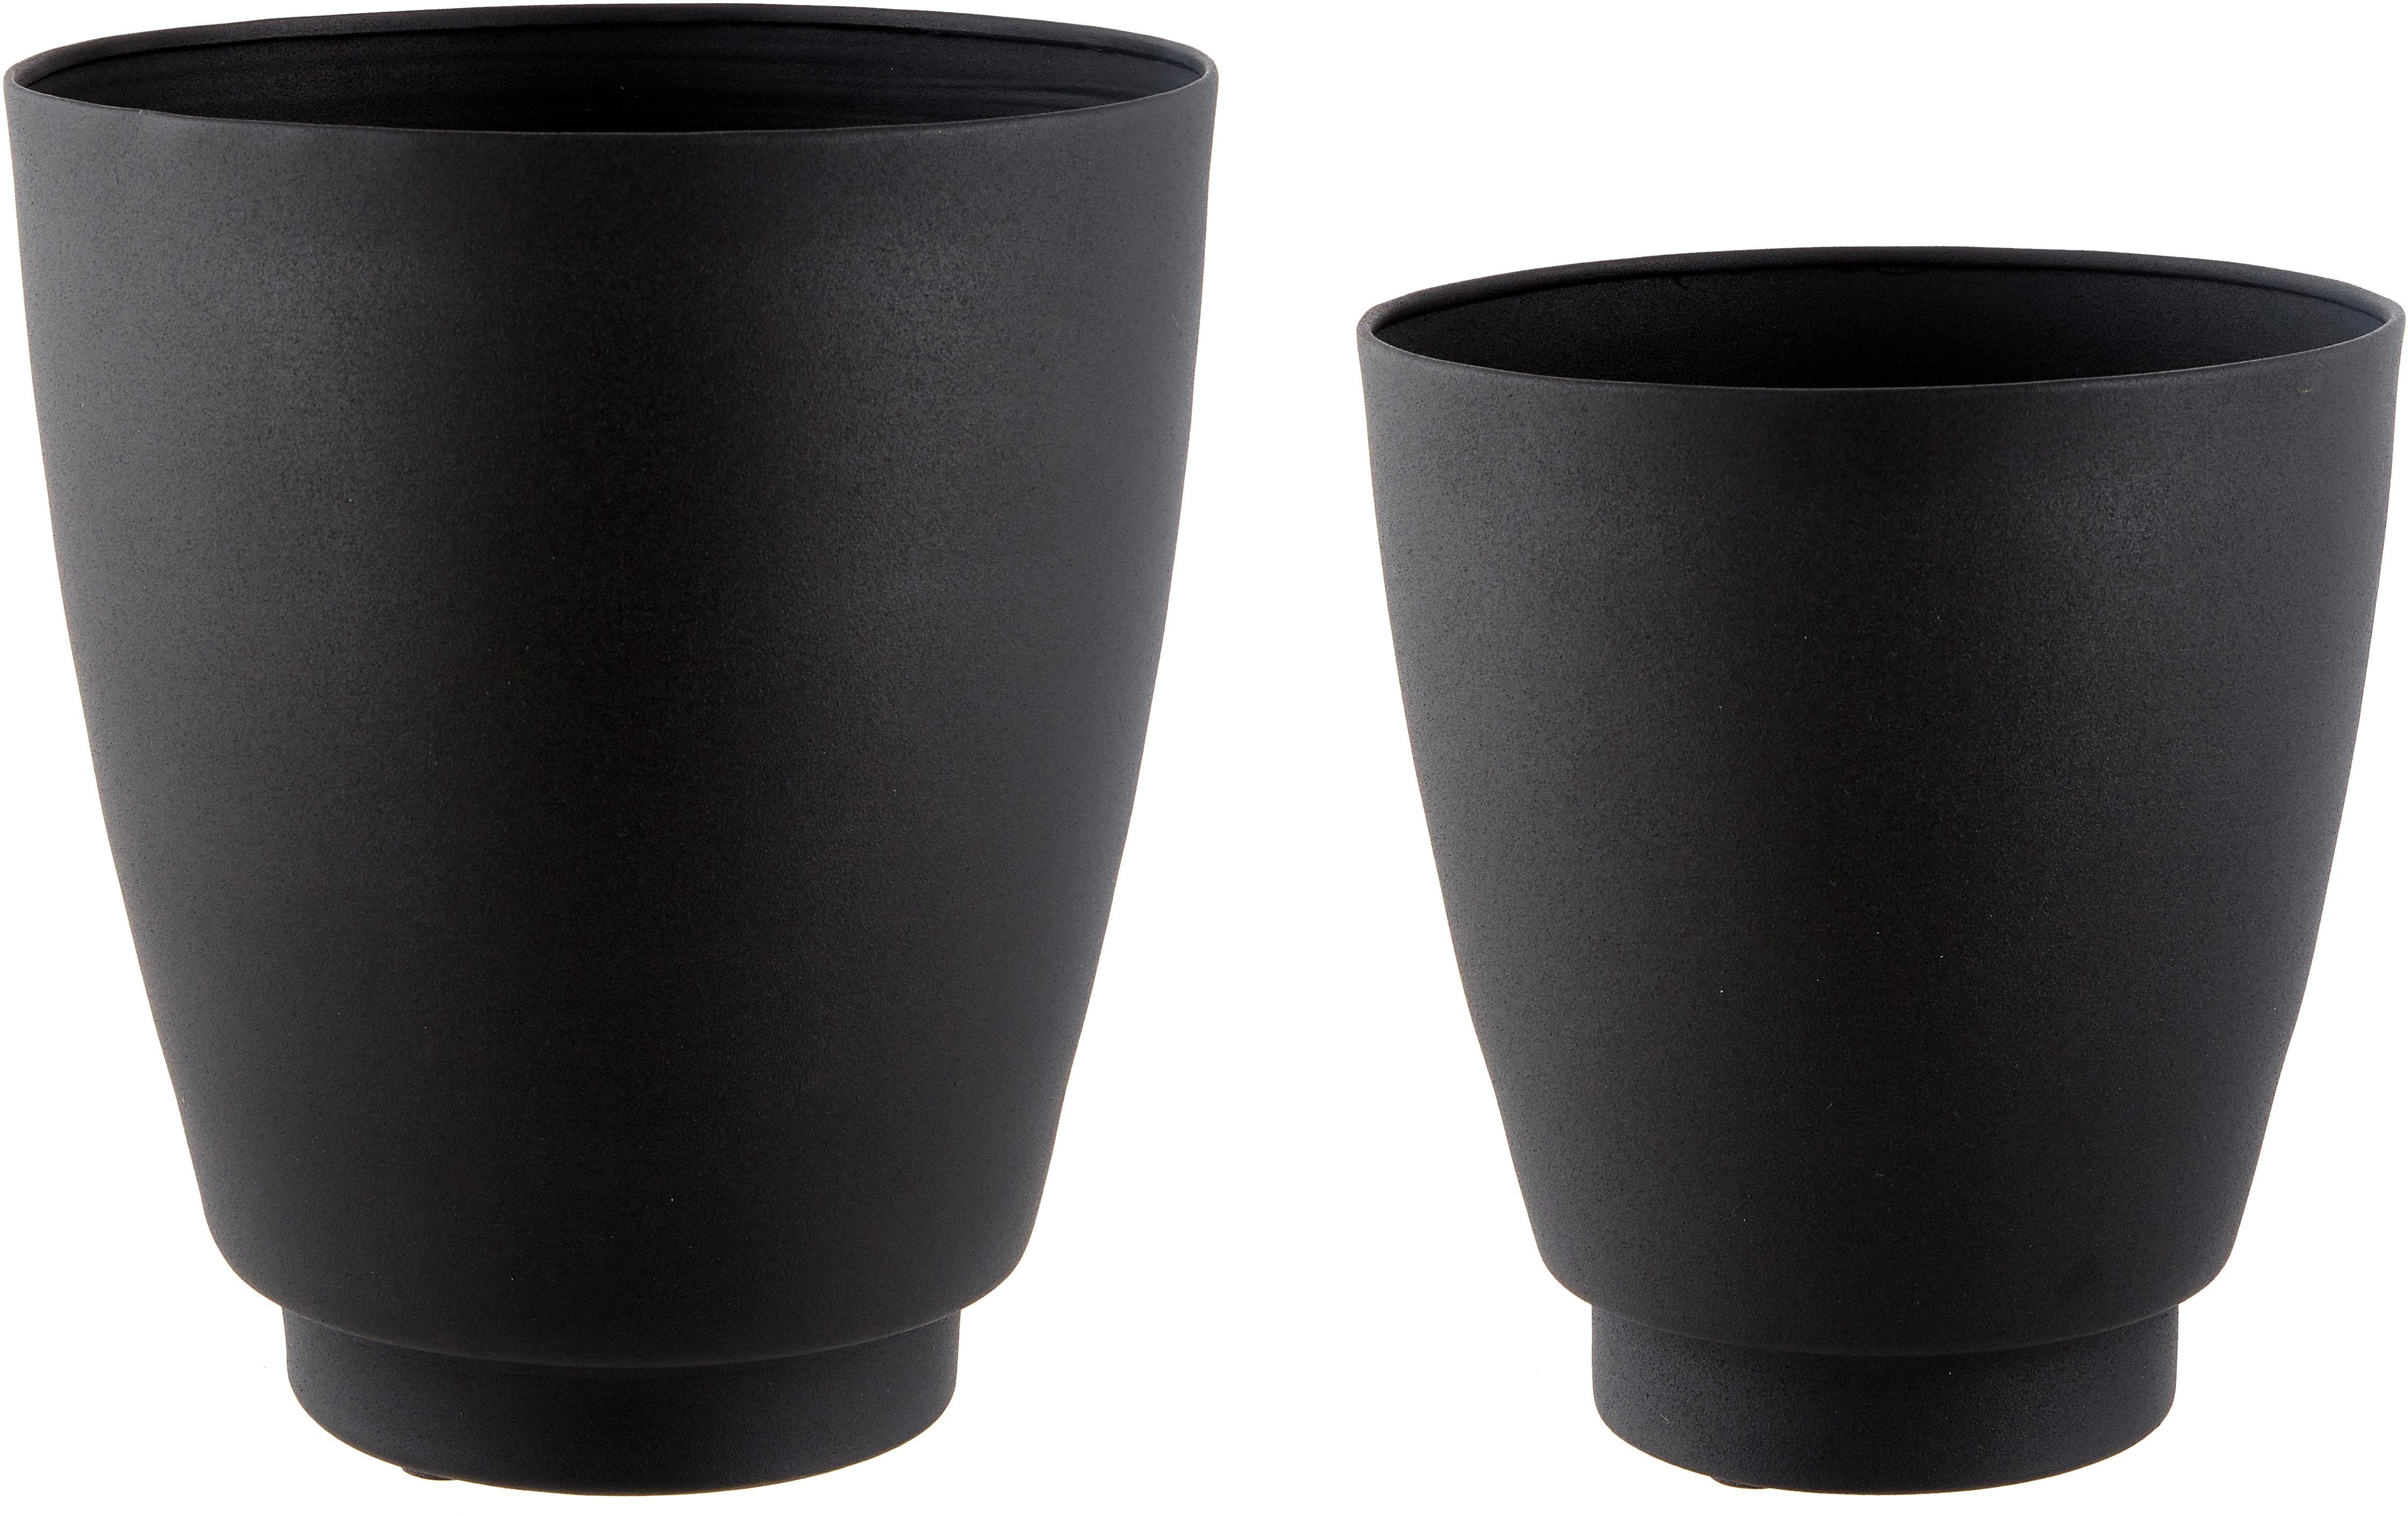 Übertöpfe-Set Timber, 2-tlg., Metall, beschichtet, Schwarz, Sondergrößen